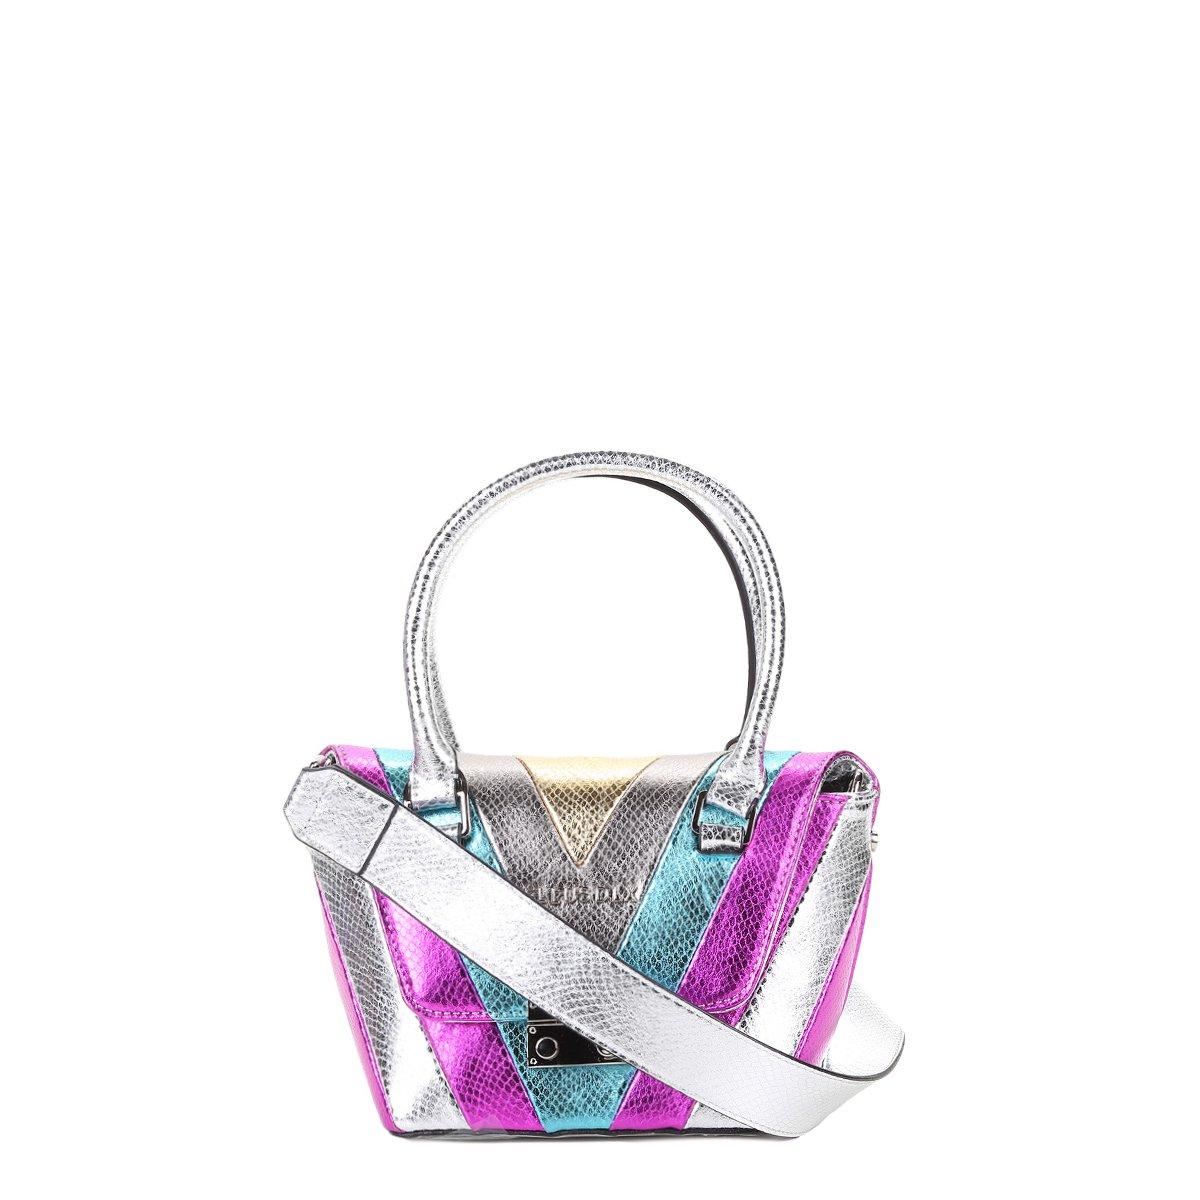 722dd4a61 Bolsa Ellus Mini Bag Patchwork Feminina - Compre Agora